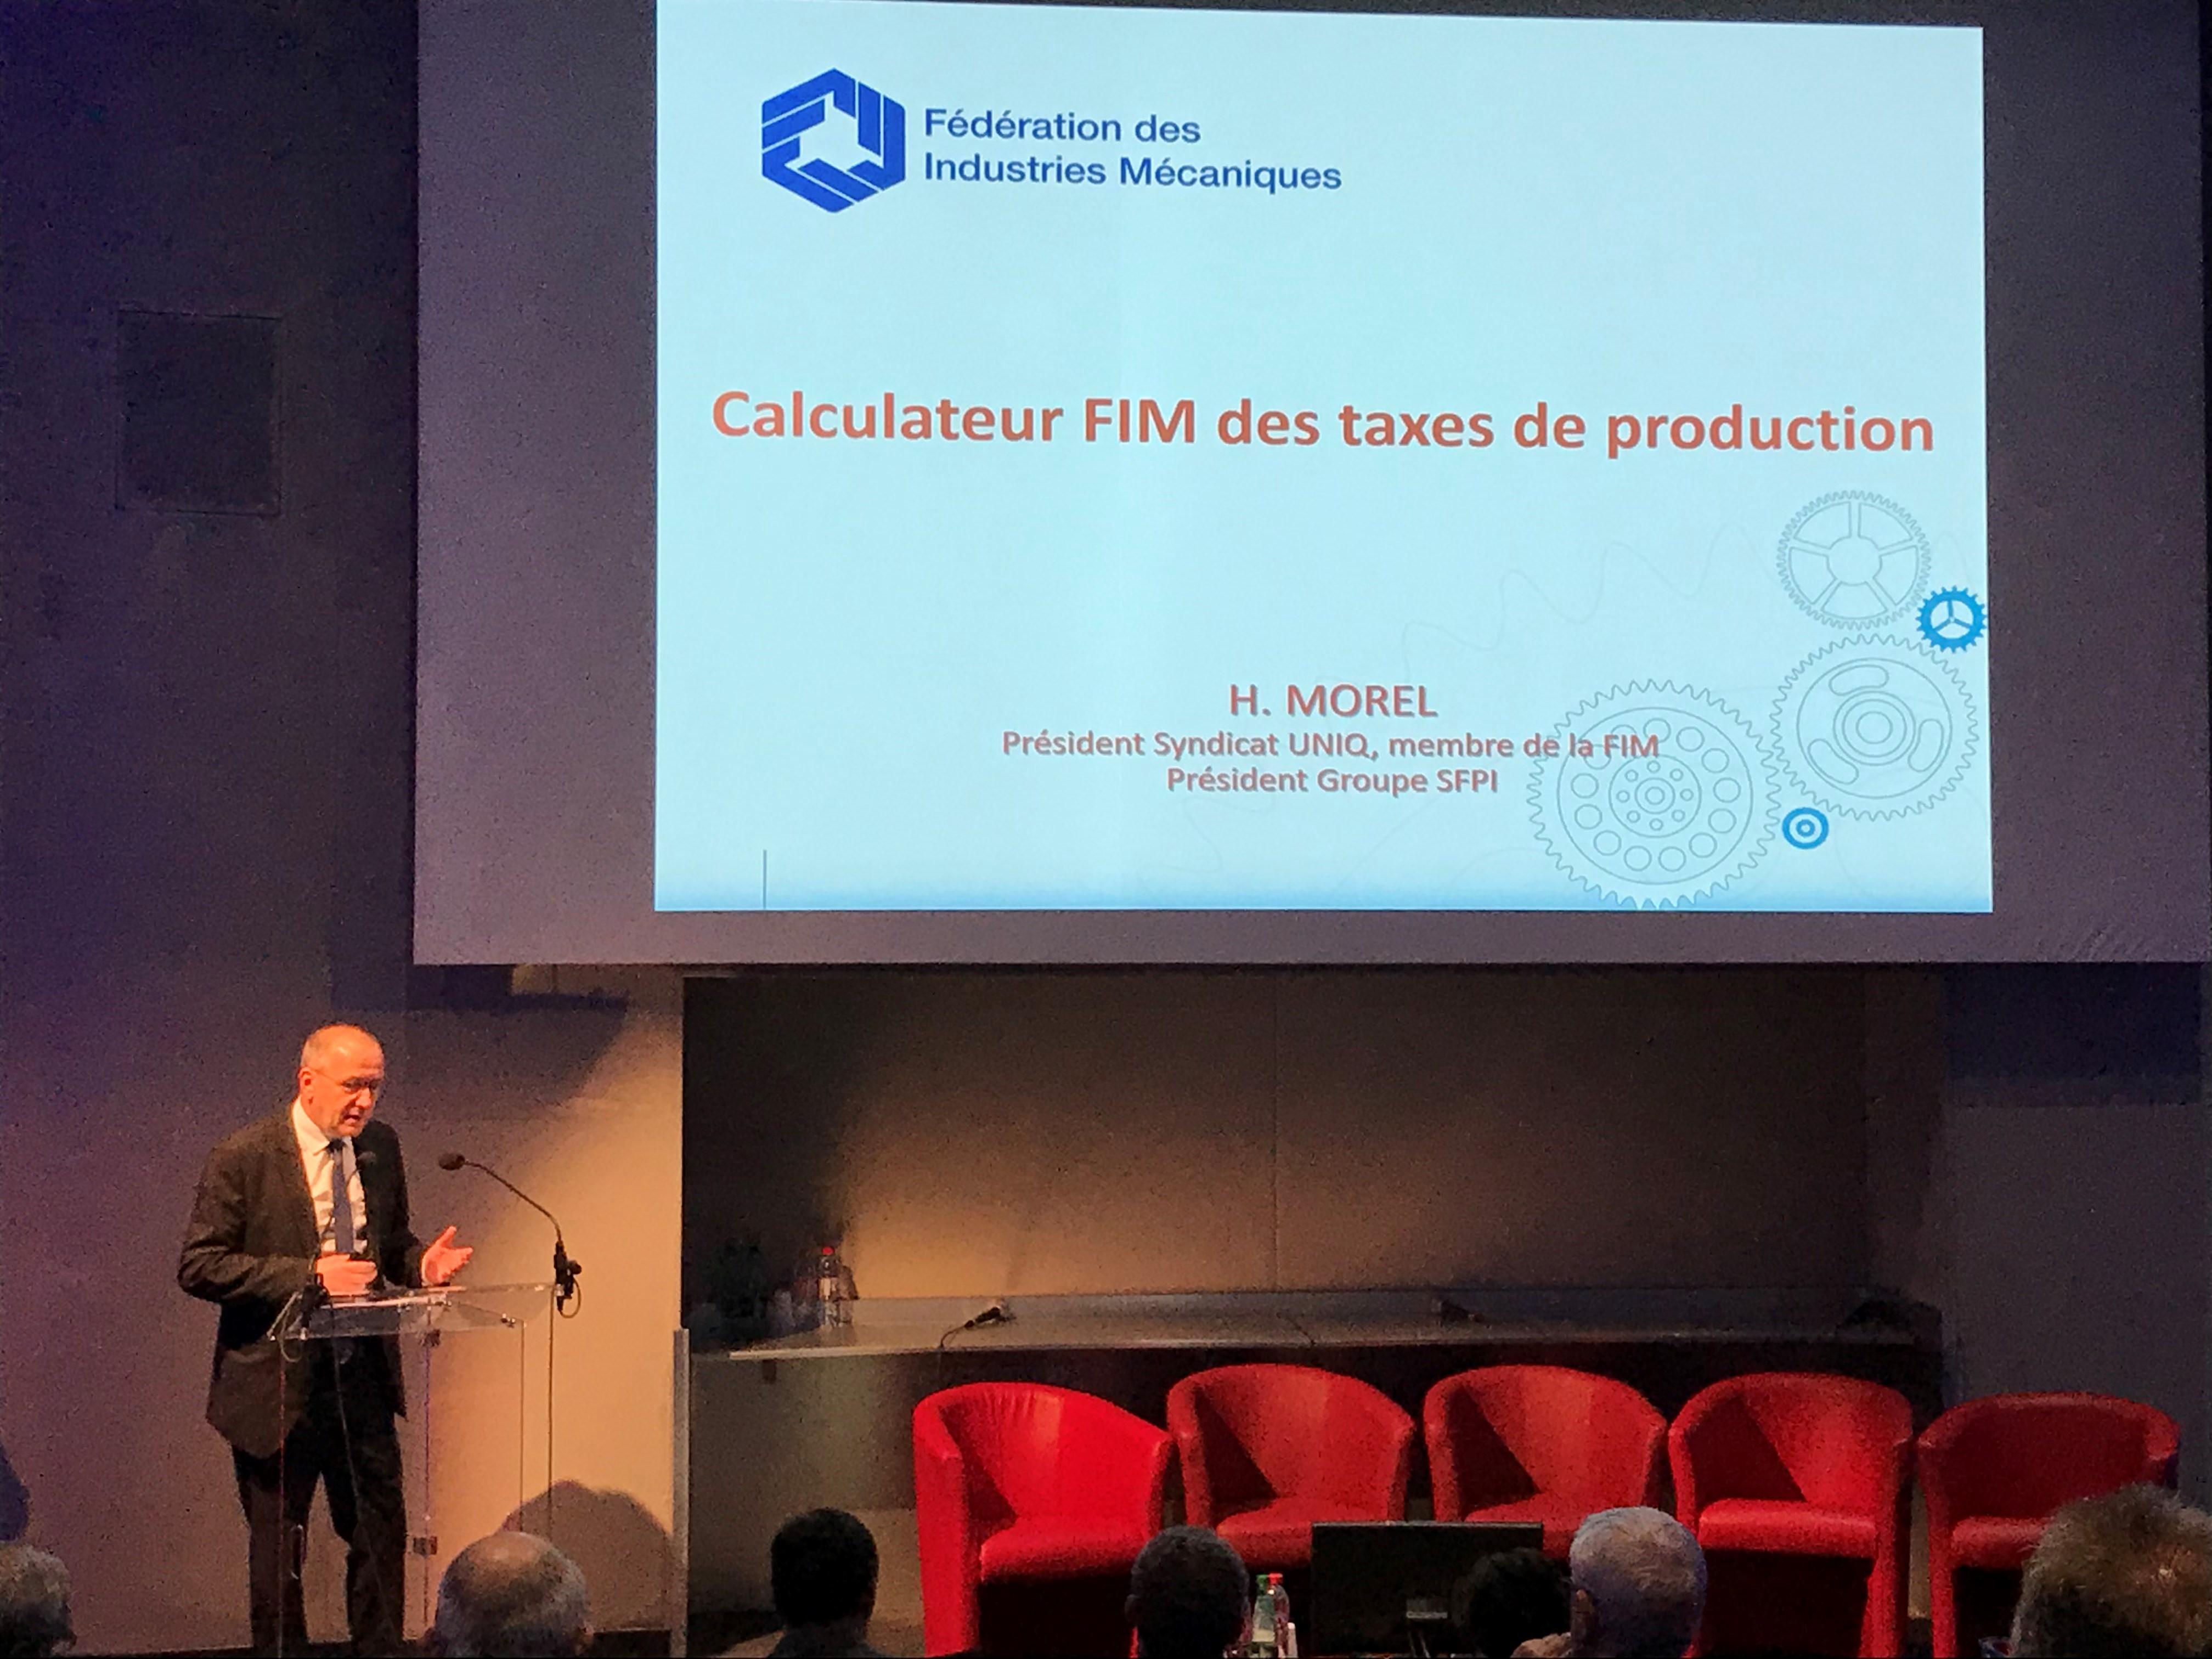 Henri MOREL et la FIM pour une réforme des taxes de production